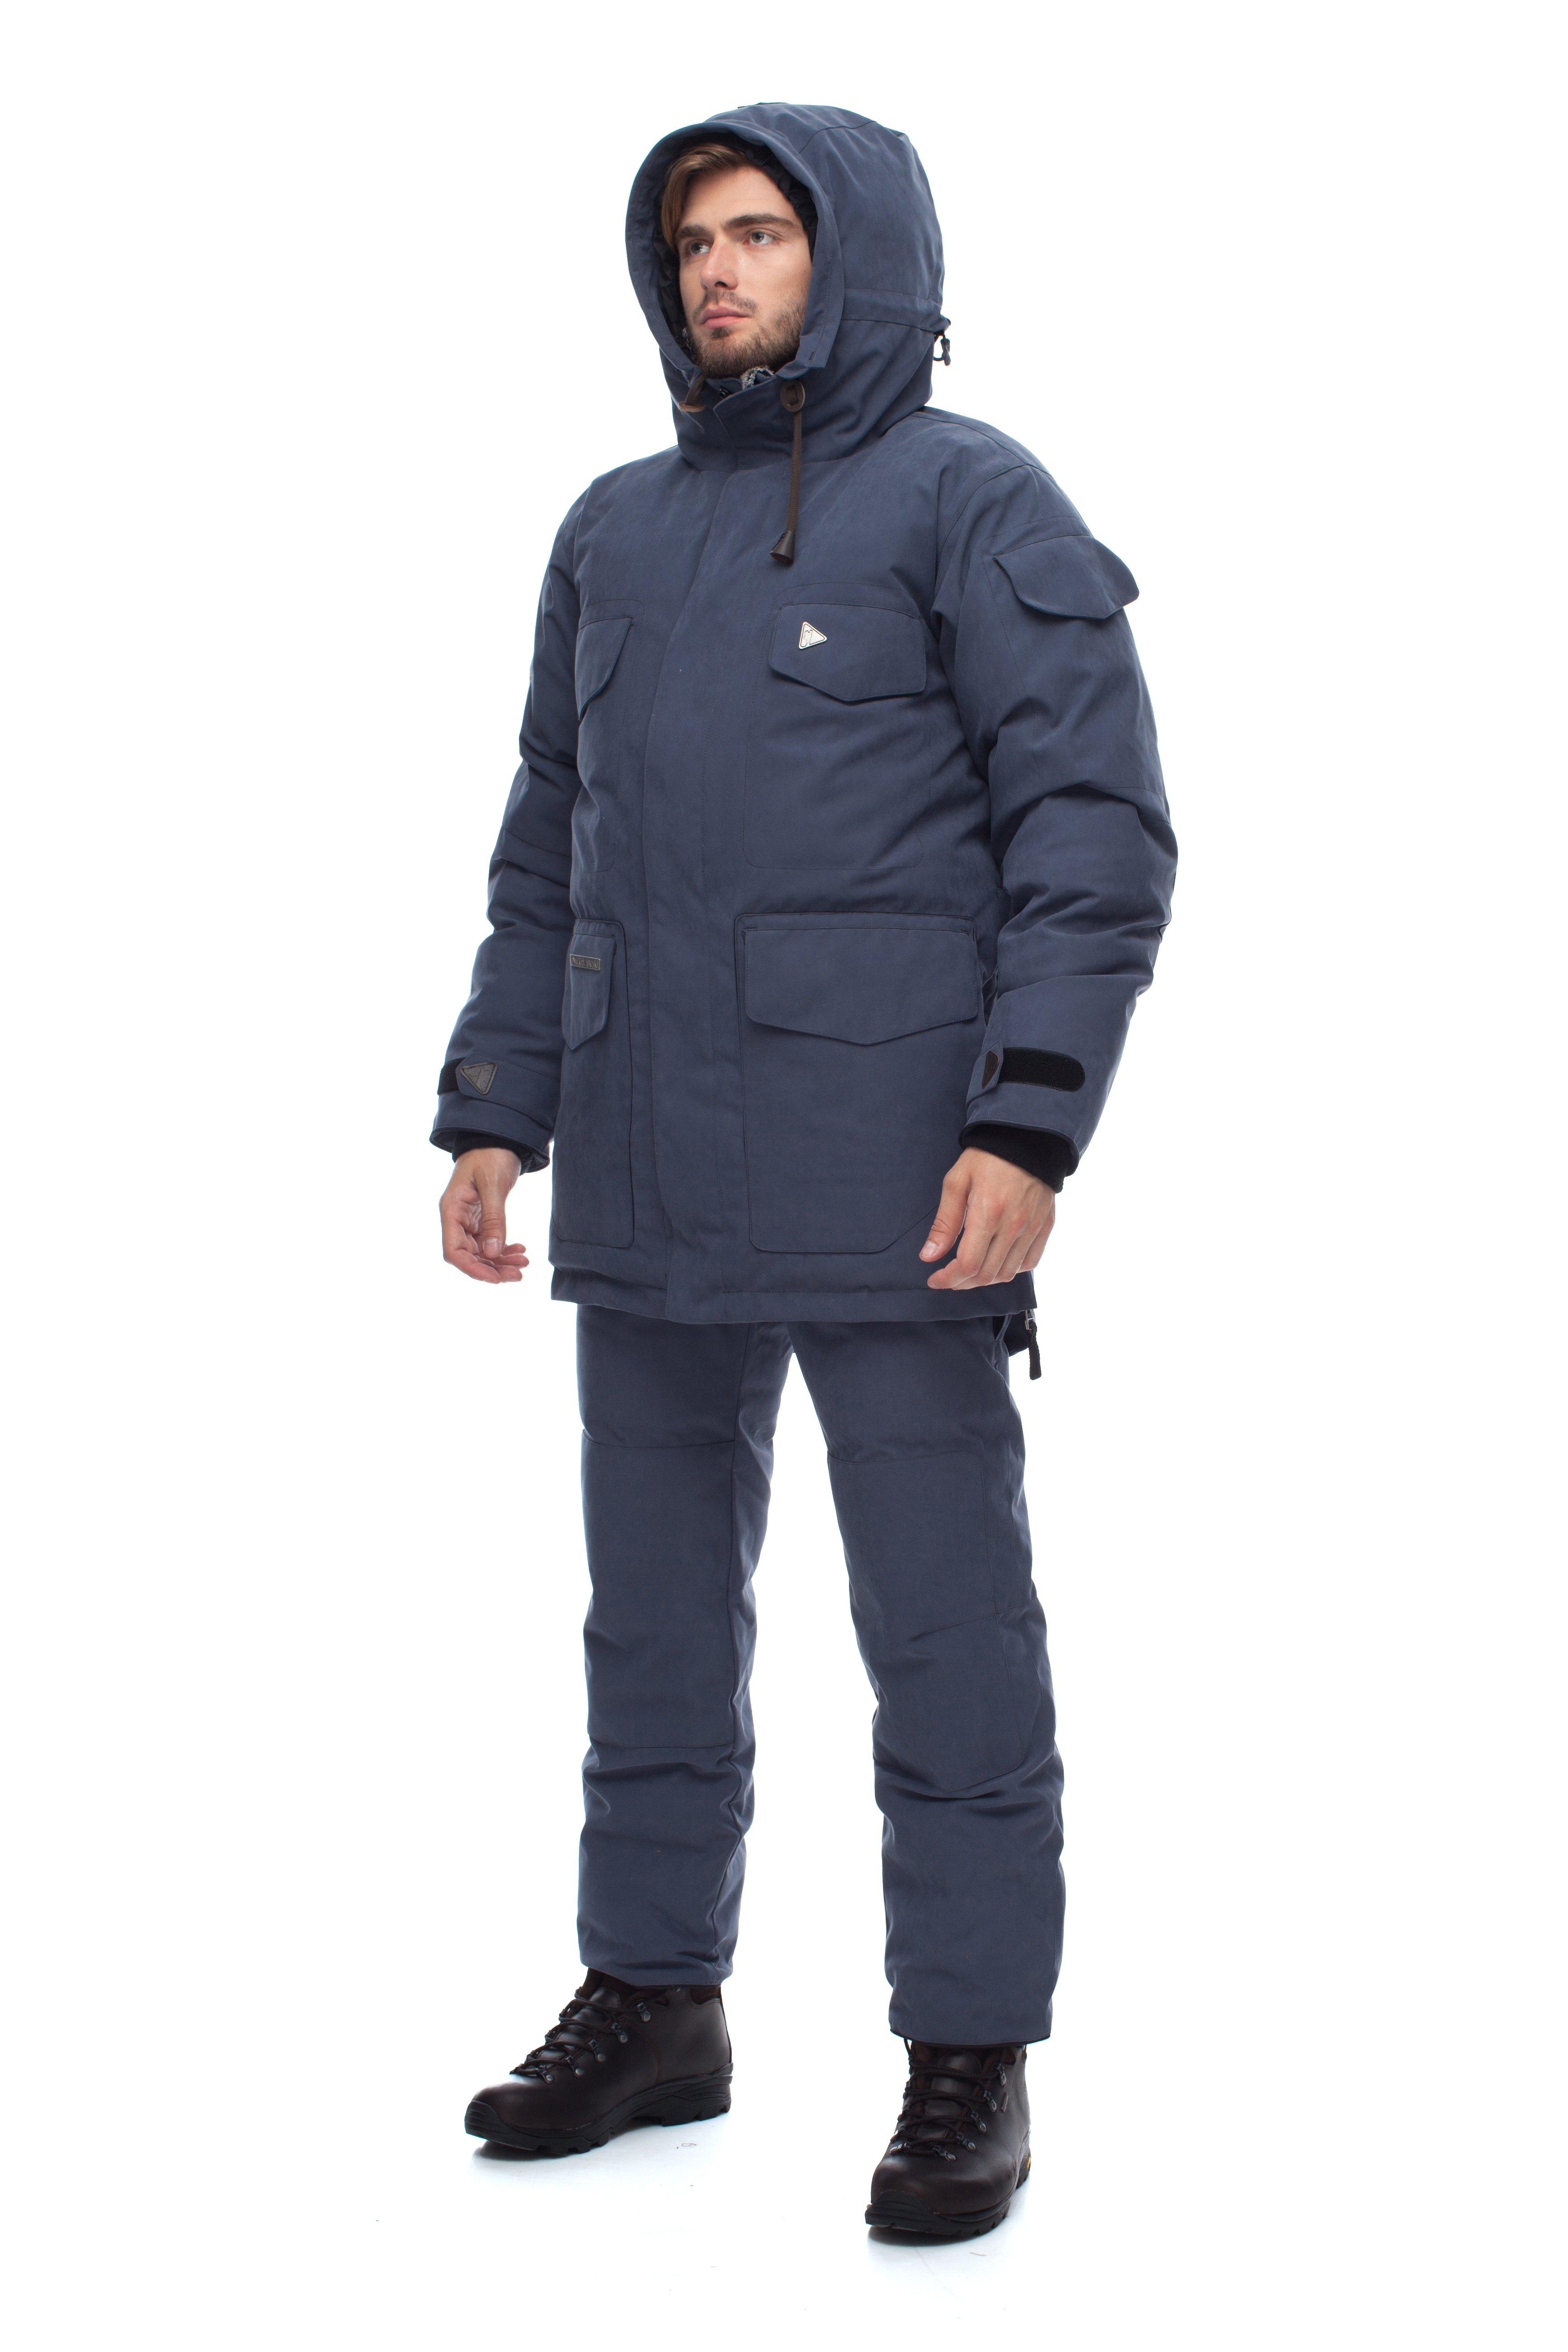 Куртка BASK SHL VANKOREM 1475Куртки<br><br><br>&quot;Дышащие&quot; свойства: Да<br>Верхняя ткань: Advance® Alaska<br>Вес граммы: 2680<br>Вес утеплителя: 400<br>Ветро-влагозащитные свойства верхней ткани: Да<br>Ветрозащитная планка: Нет<br>Ветрозащитная юбка: Да<br>Влагозащитные молнии: Нет<br>Внутренние манжеты: Да<br>Внутренняя ткань: Advance® Classic<br>Водонепроницаемость: 5000<br>Дублирующий центральную молнию клапан: Да<br>Защитный козырёк капюшона: Нет<br>Капюшон: Несъемный<br>Карман для средств связи: Да<br>Количество внешних карманов: 9<br>Количество внутренних карманов: 2<br>Коллекция: Pole to Pole<br>Мембрана: Да<br>Объемный крой локтевой зоны: Да<br>Отстёгивающиеся рукава: Нет<br>Паропроницаемость: 5000<br>Показатель Fill Power (для пуховых изделий): Нет<br>Пол: Мужской<br>Проклейка швов: Нет<br>Регулировка манжетов рукавов: Да<br>Регулировка низа: Нет<br>Регулировка объёма капюшона: Да<br>Регулировка талии: Да<br>Регулируемые вентиляционные отверстия: Нет<br>Световозвращающая лента: Нет<br>Температурный режим: -40<br>Технология Thermal Welding: Нет<br>Технология швов: Простые<br>Тип молнии: Двухзамковая<br>Тип утеплителя: Синтетический<br>Ткань усиления: Нет<br>Усиление контактных зон: Да<br>Утеплитель: Shelter®Sport<br>Размер RU: 58<br>Цвет: ЧЕРНЫЙ